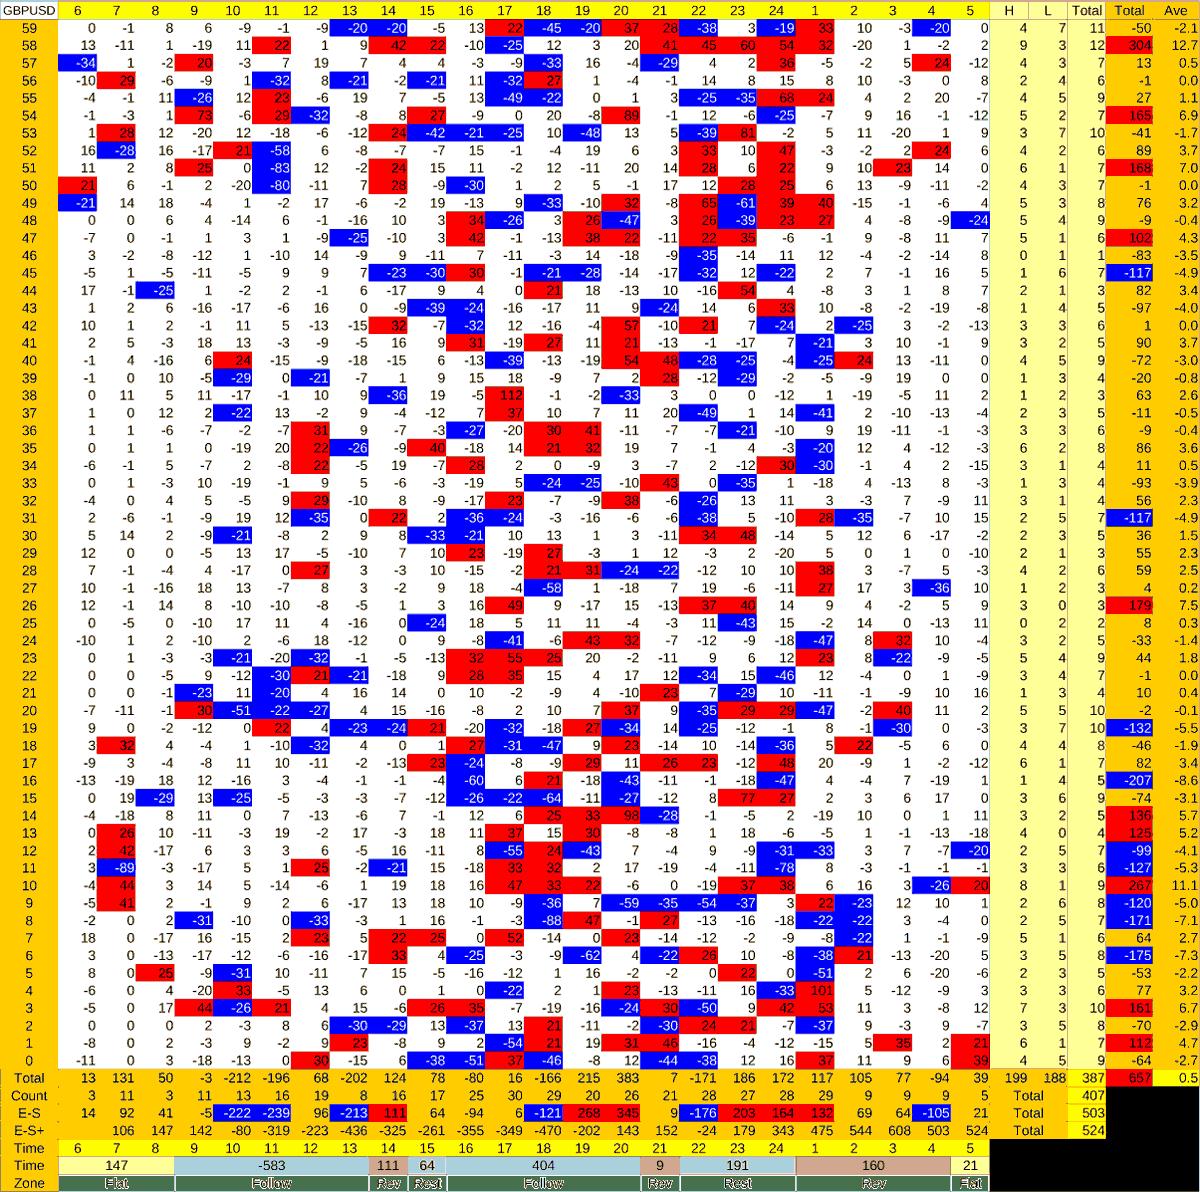 20210302_HS(2)GBPUSD